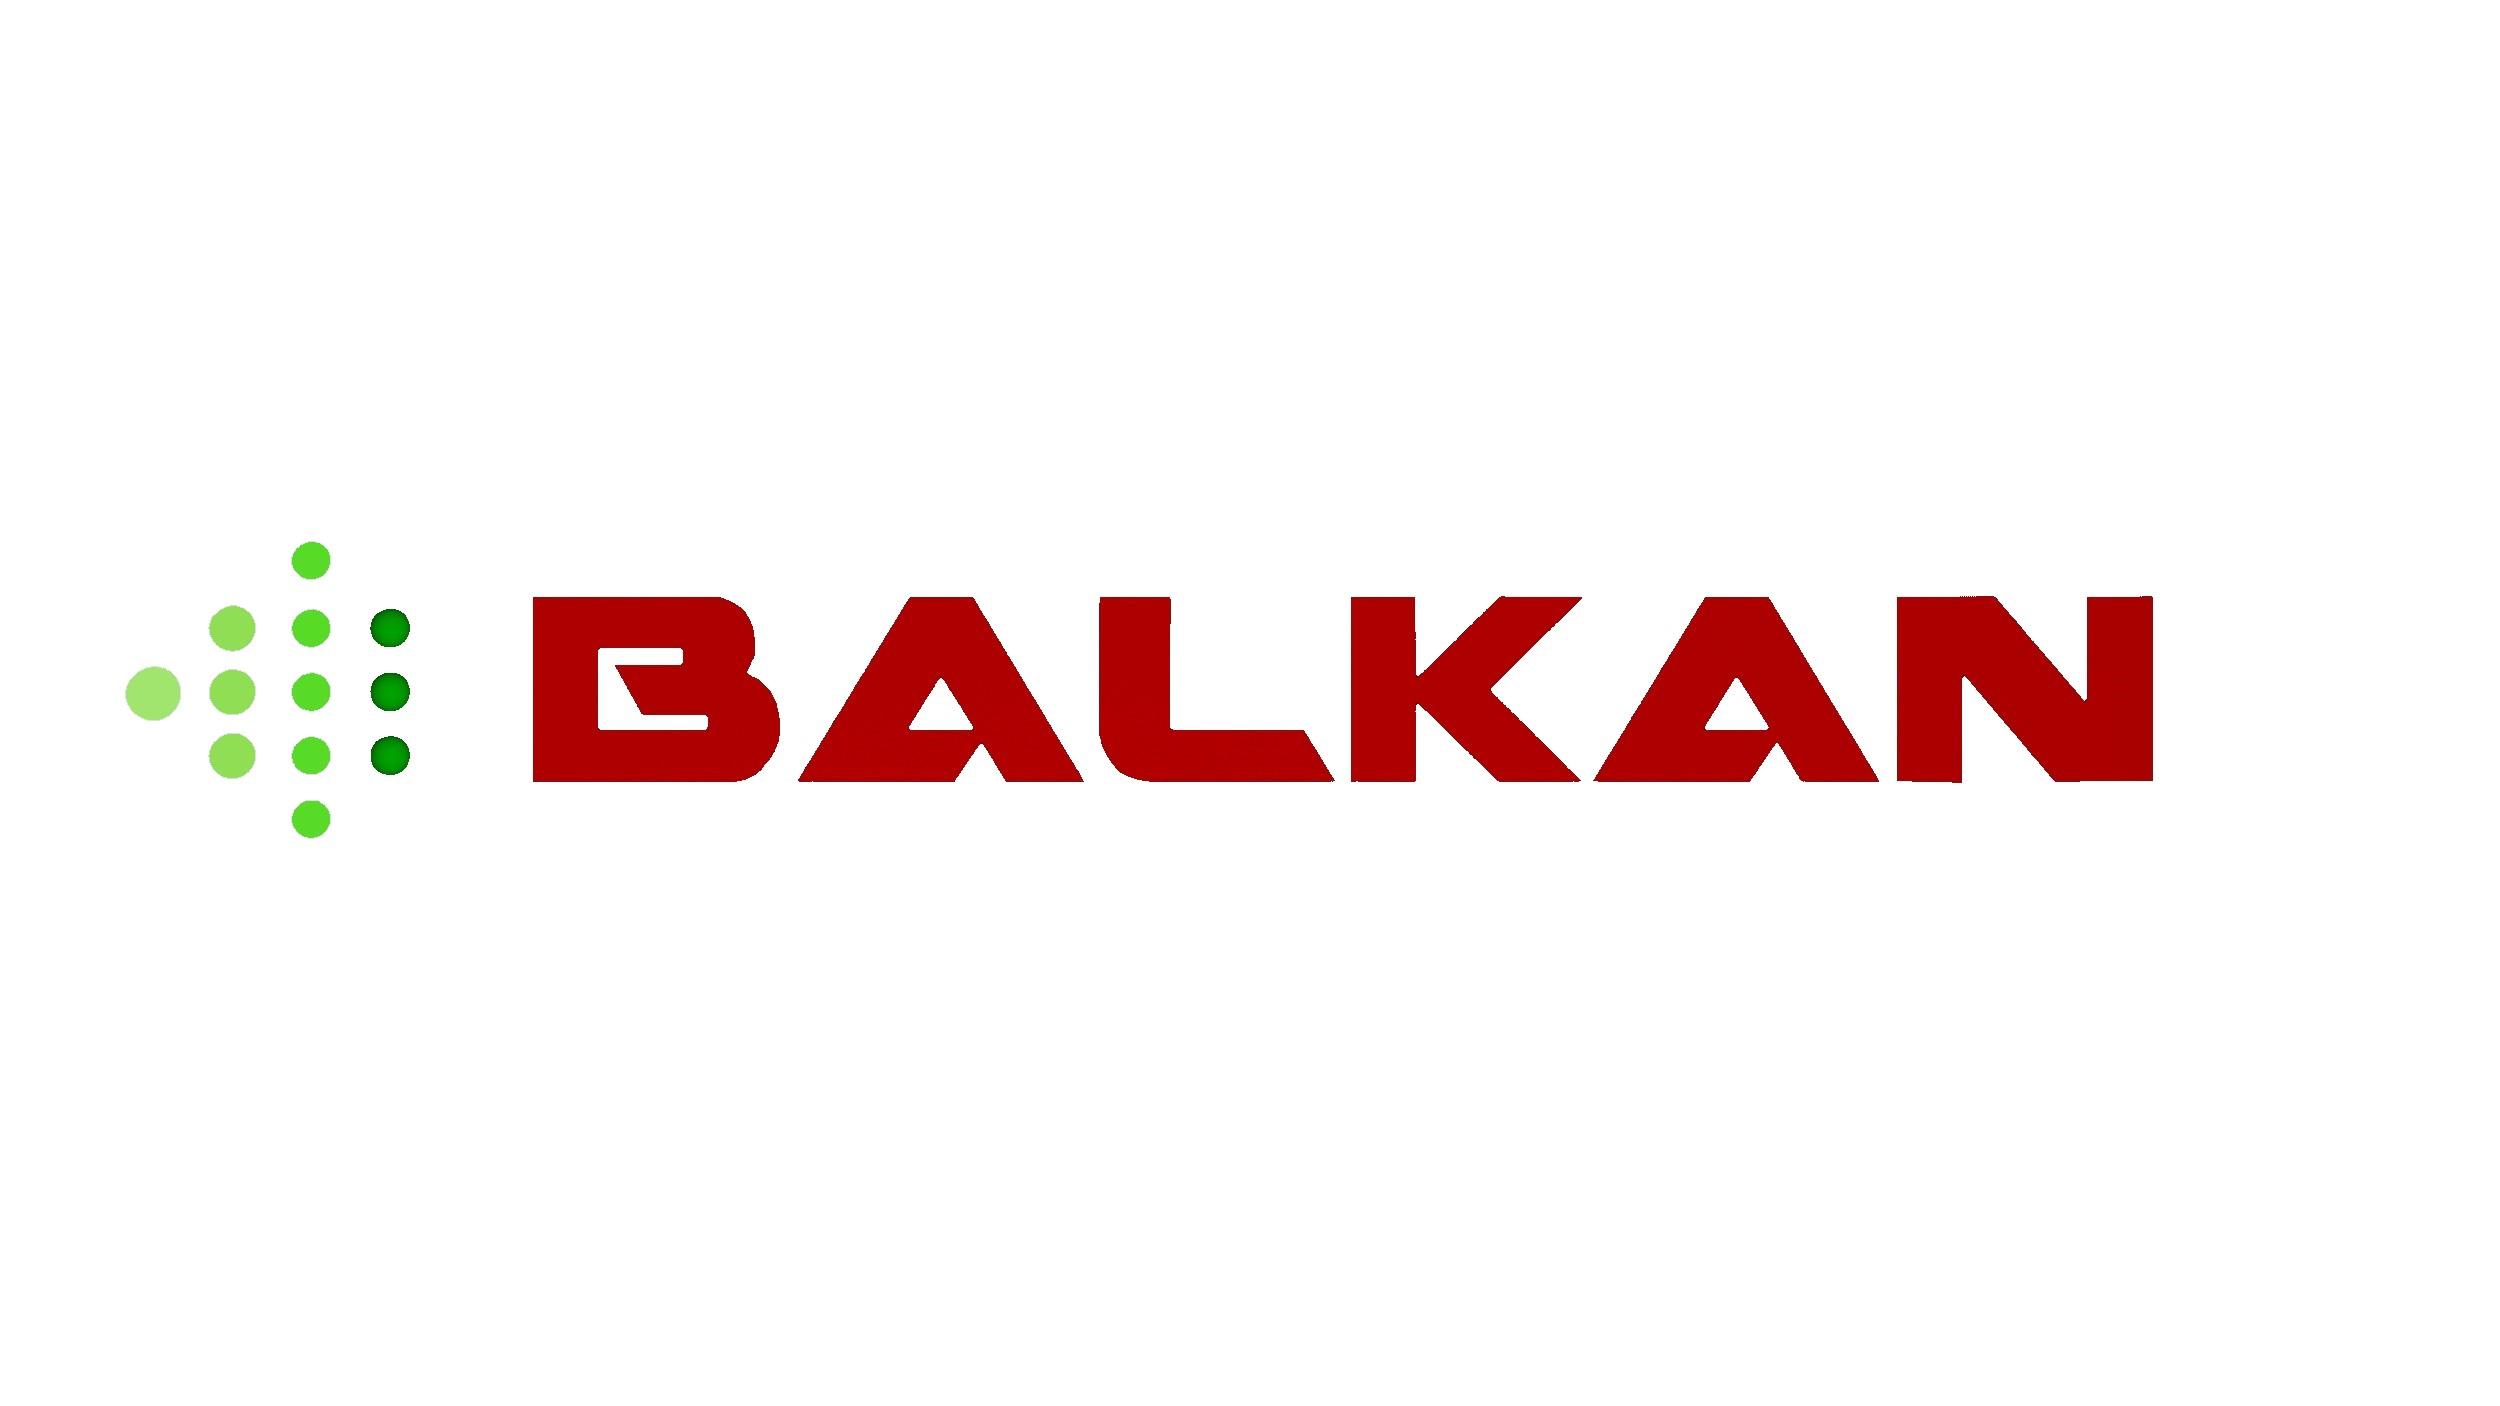 BALKAN TERMOPLASTİK GRANÜL SAN. TİC. LTD. ŞTİ.